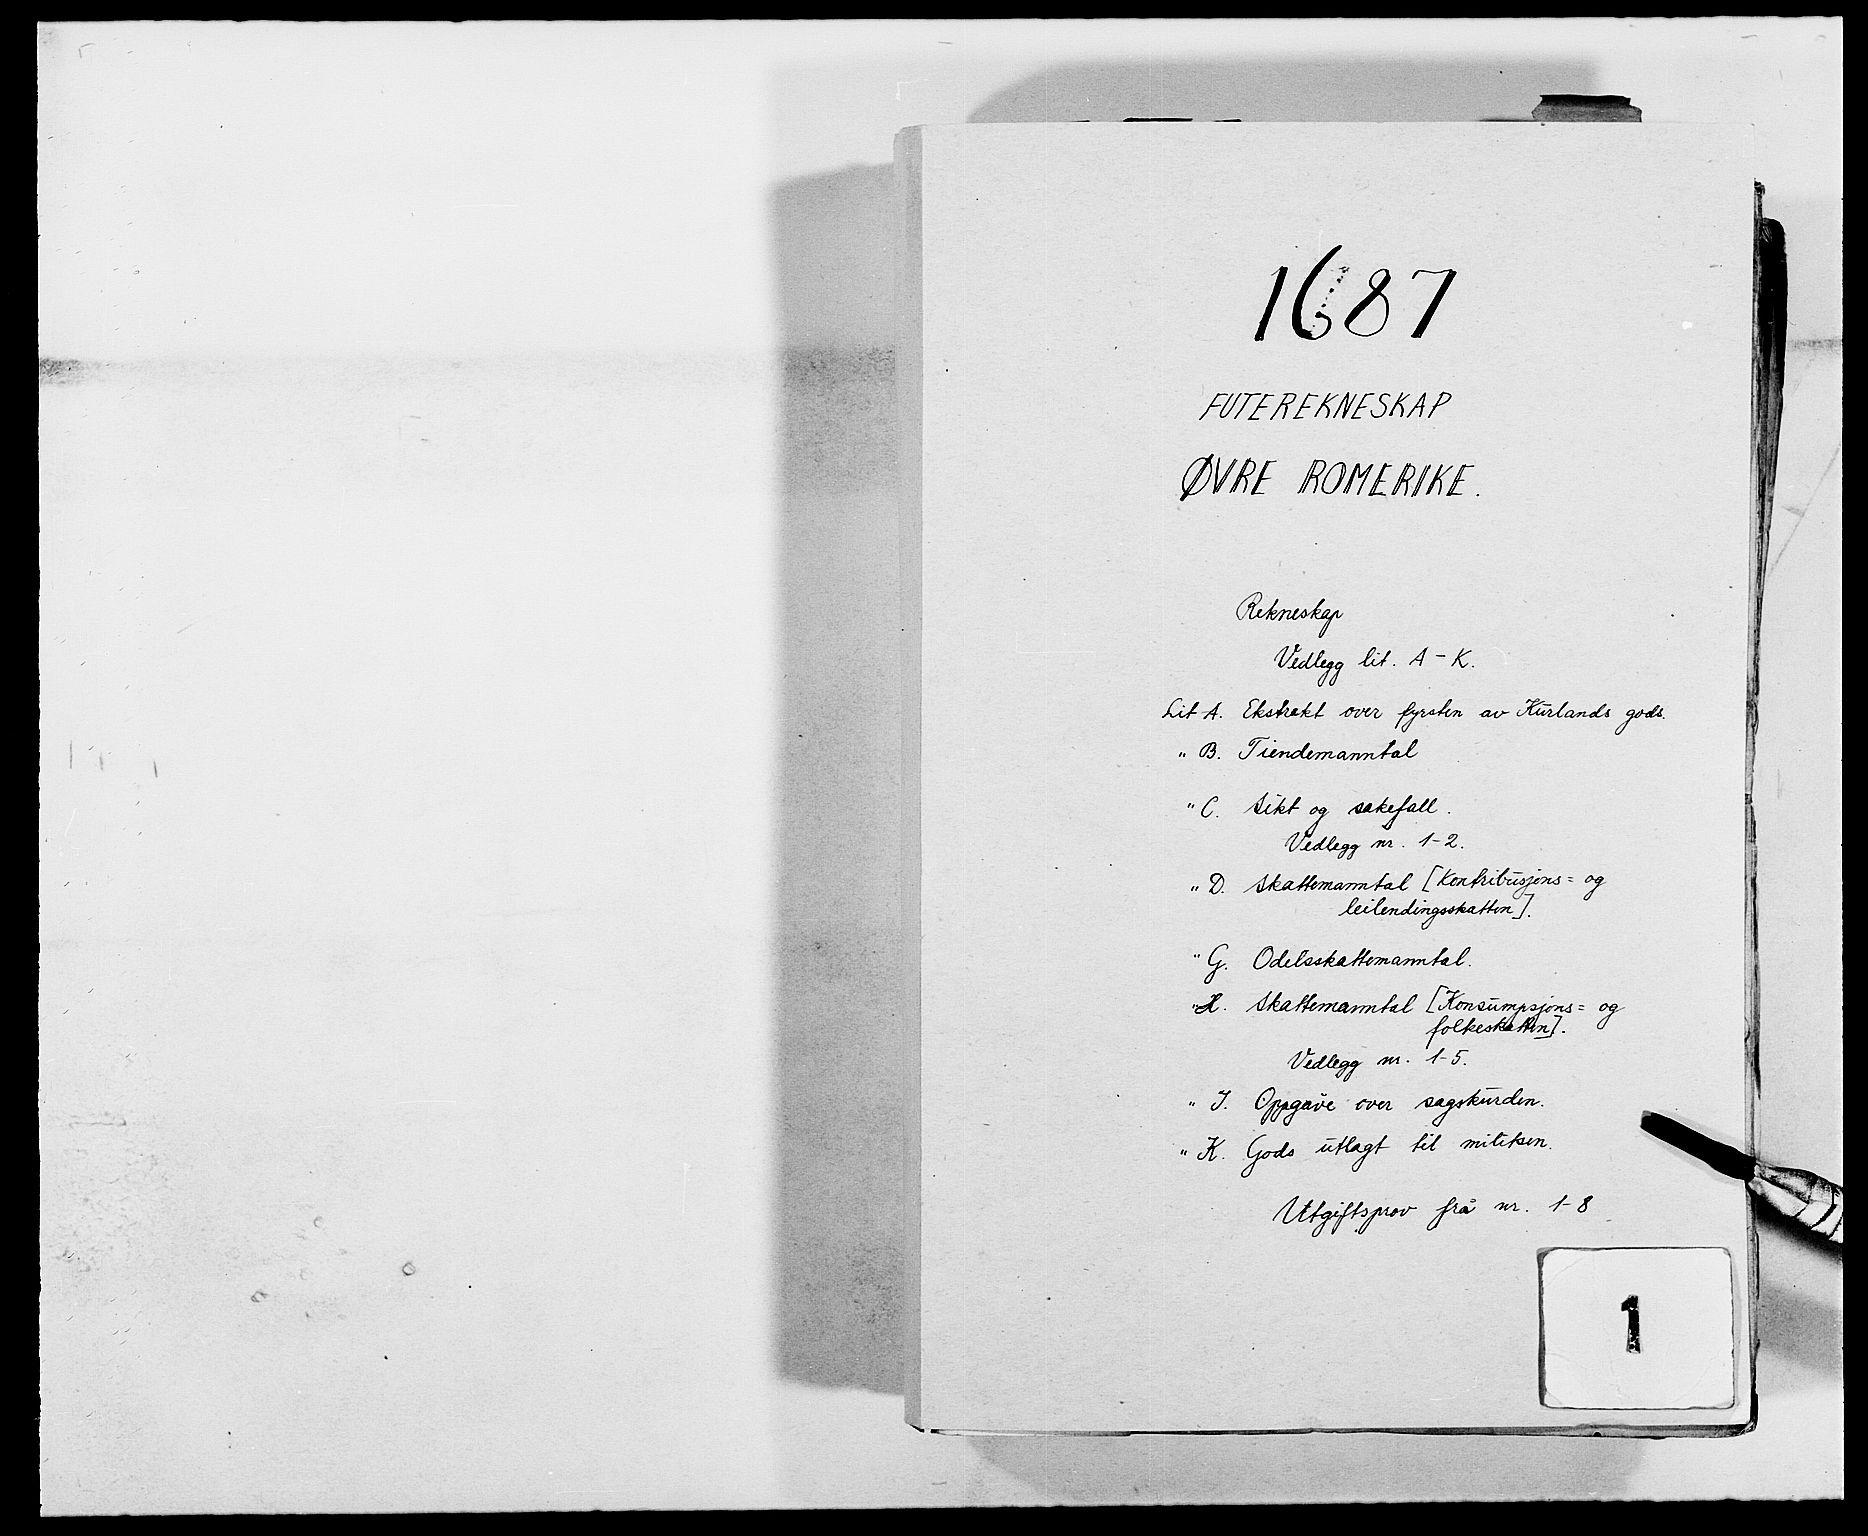 RA, Rentekammeret inntil 1814, Reviderte regnskaper, Fogderegnskap, R12/L0700: Fogderegnskap Øvre Romerike, 1687-1688, s. 1